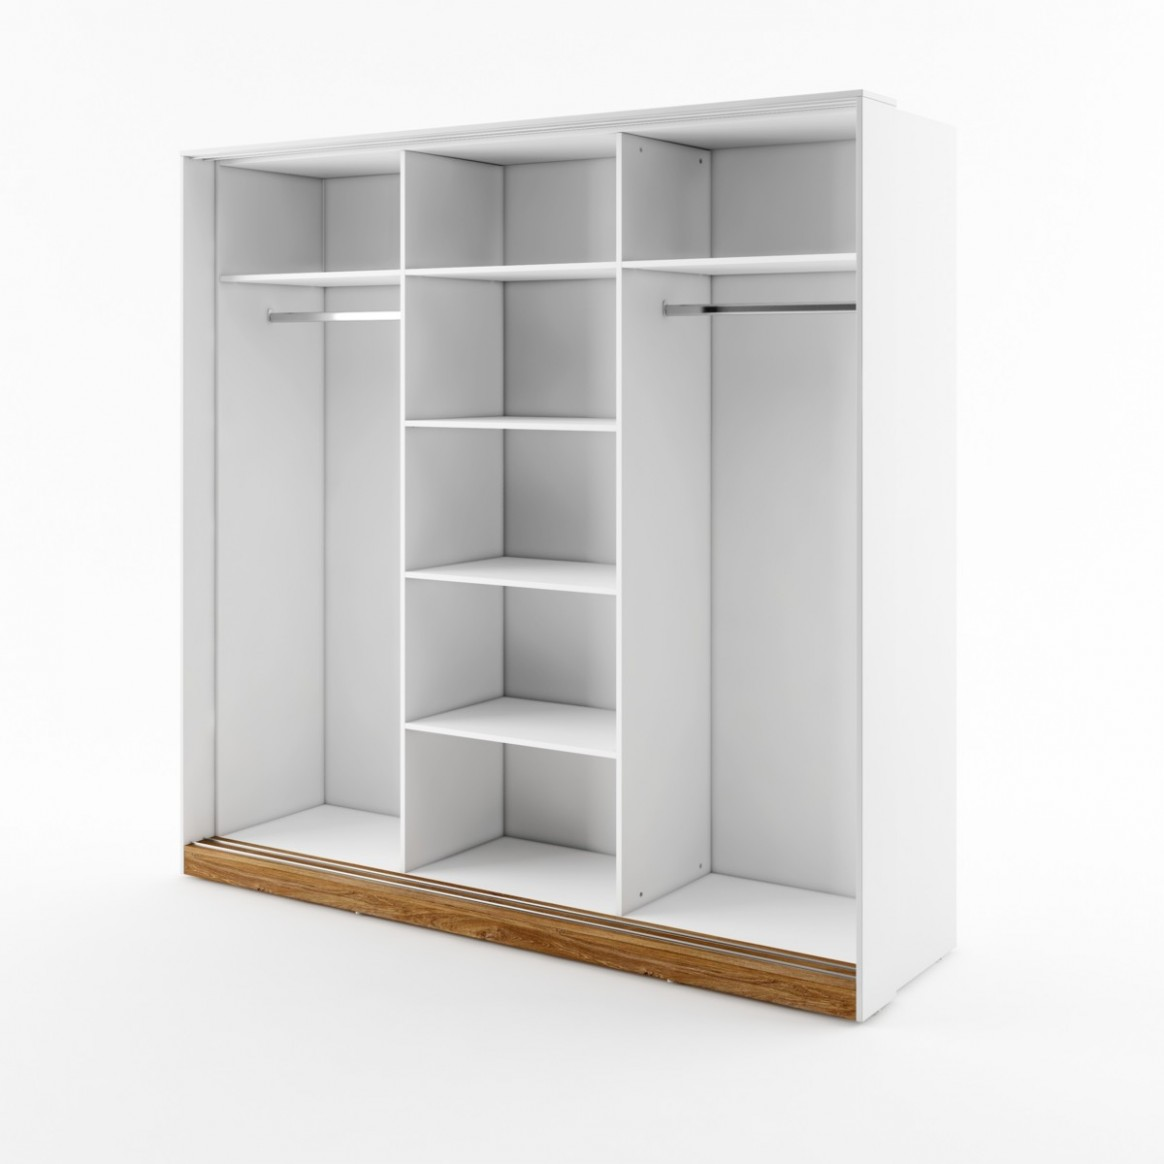 Šatní skříň s posuvnými dveřmi Dentro DT-54 | Home nábytek